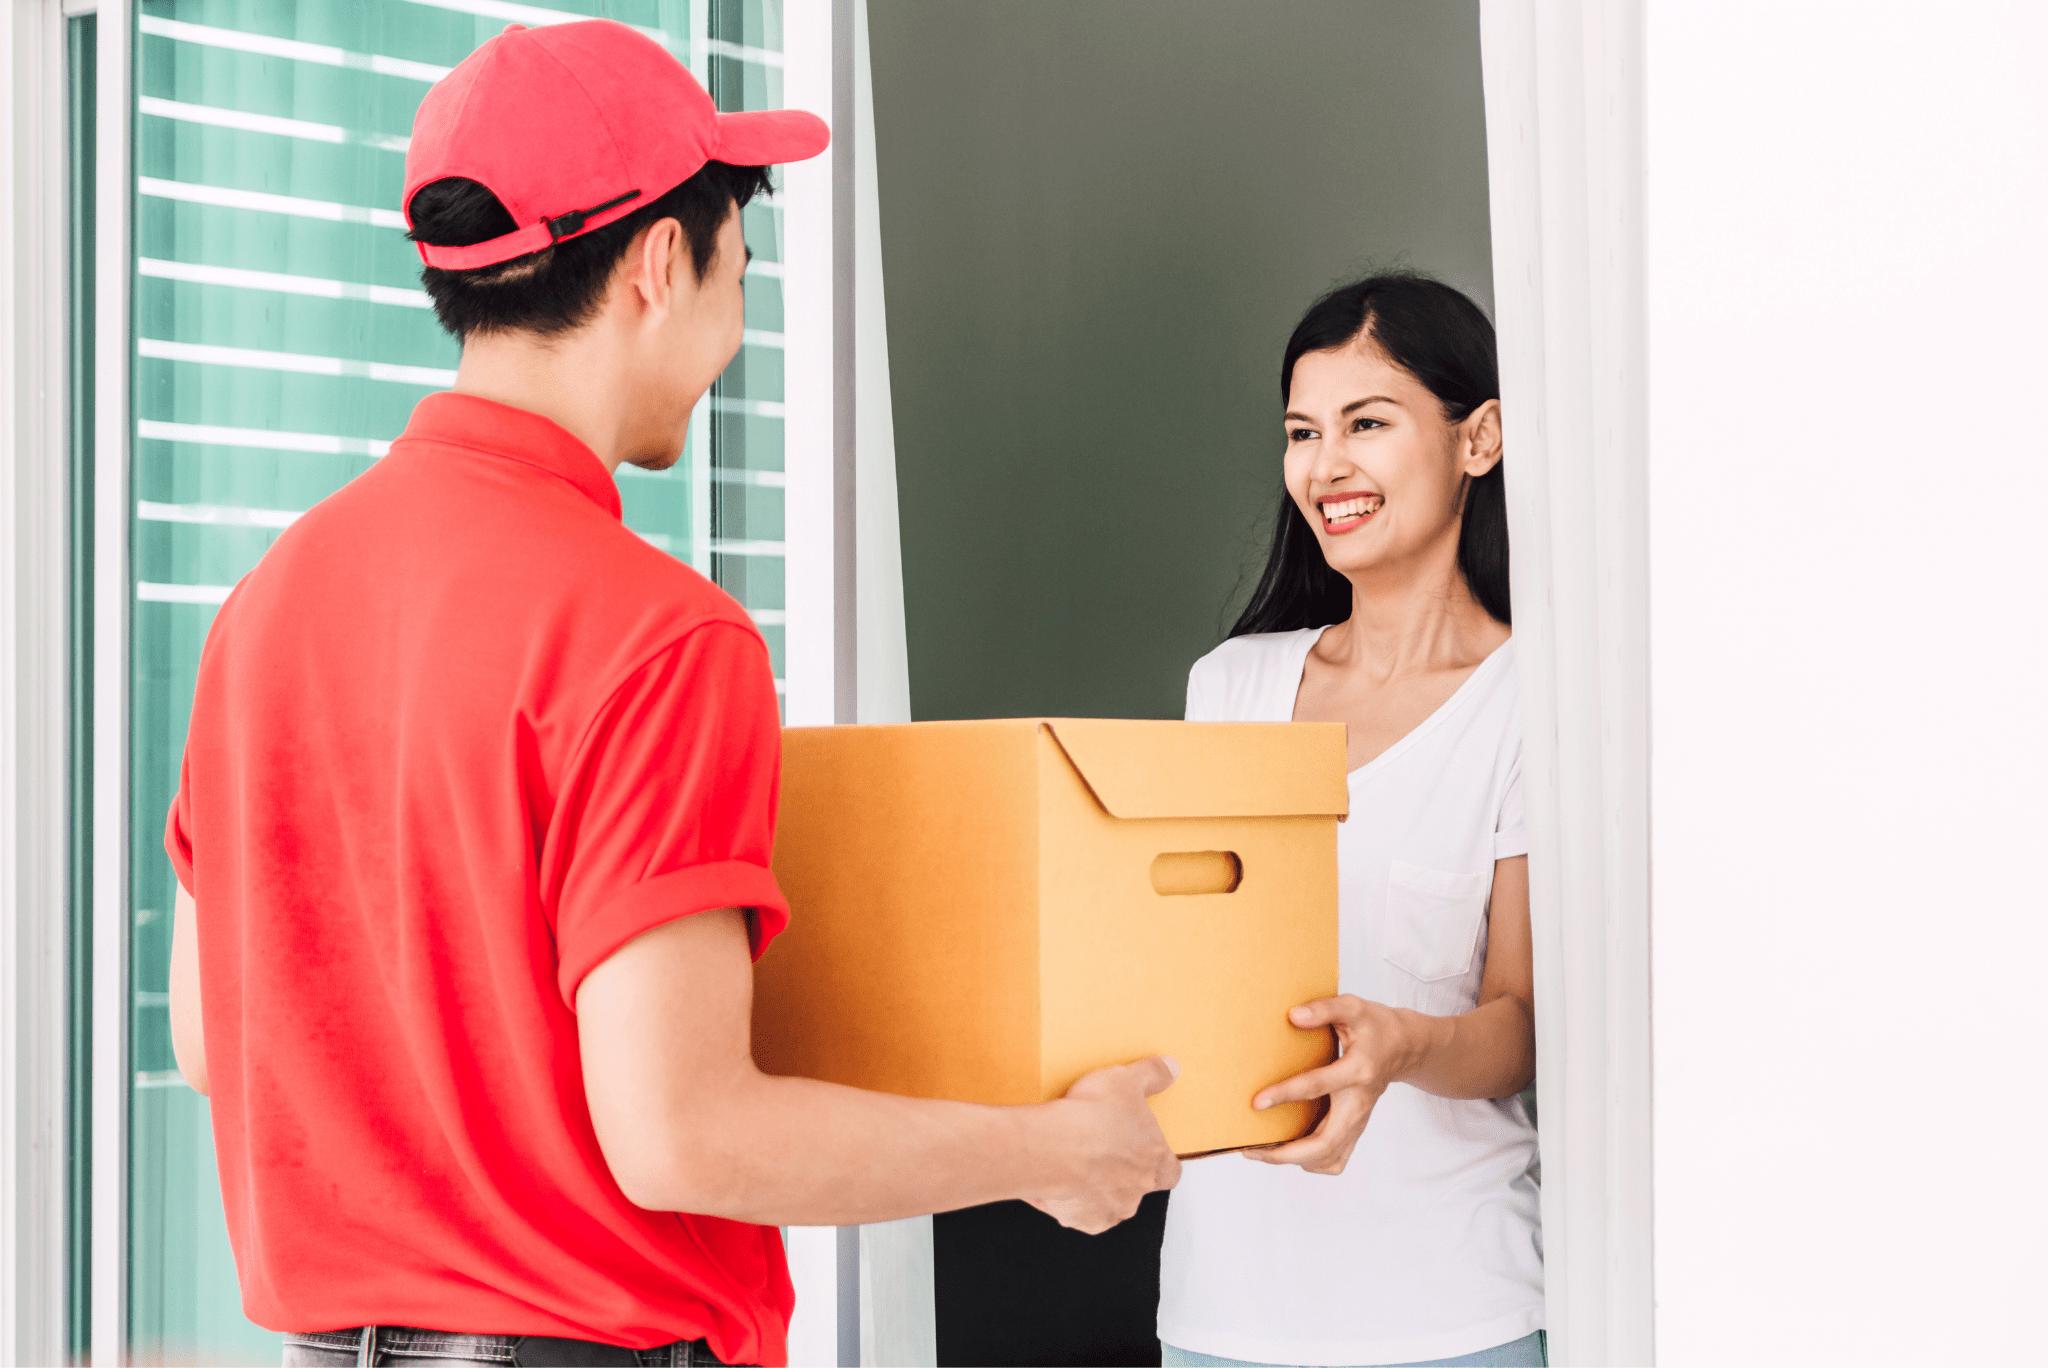 delivery service license cost in dubai